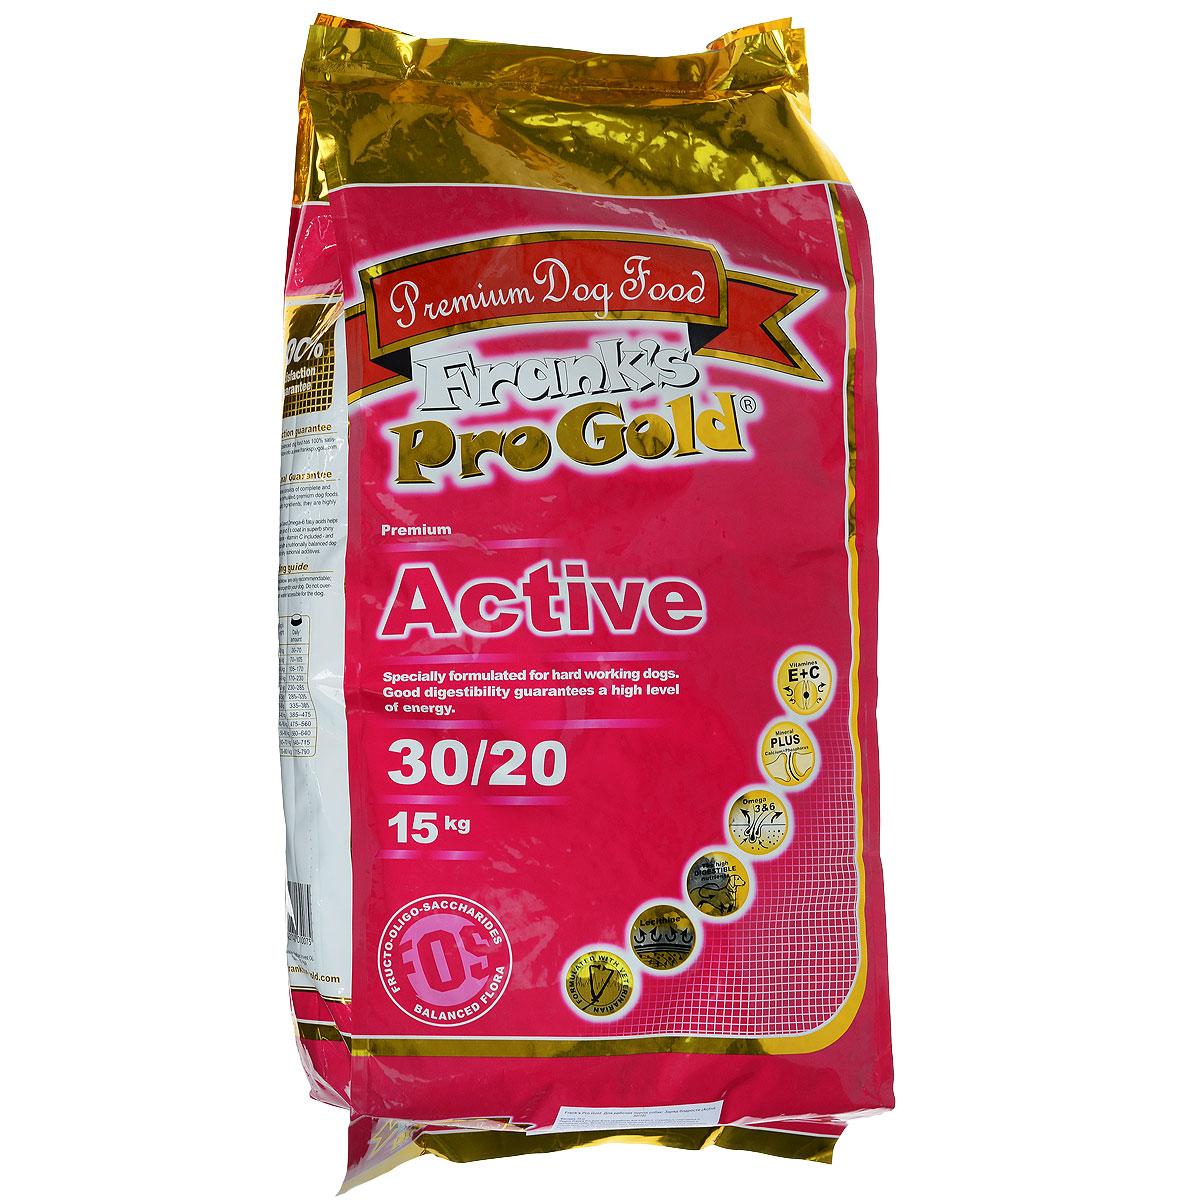 Корм сухой Franks ProGold Заряд бодрости для рабочих пород собак, 15 кг17916Сухой корм Franks ProGold Заряд бодрости разработан для ездовых, служебных, спортивных и охотничьих собак. Высокое содержание витамина Е помогает работе кишечника и способствует лучшему усваиванию пищи. Хорошая усвояемость и высокое содержание протеина позволяет не увеличивать нормы кормления при тяжелых тренировках, охоте и во время соревнований Не содержит пшеницы, соевых добавок, ГМО. Состав: дегидрированное мясо курицы, маис, рис, куриный жир, дегидрированная рыба, свекла, ячмень, кэроб, льняное семя, гидролизованная куриная печень, яичный порошок, дрожжи, минералы и витамины, L-карнитин, лецитин (0,5 %), инулин (0,5 % FOS), гидролизованные хрящи (источник хондроитина), гидролизованные рачки (источник глюкозамина), таурин. Пищевая ценность: белки 30,0%, жиры 20,0%, клетчатка 2,5%, зола 6,5%, влажность 10,0%, фосфор 1,0%, кальций 1,8%. Пищевые добавки: витамин-A (E672) 20000 IU/кг, витамин-D3 (E671) 2000 IU/кг, витамин-E (альфа токоферола ацетат) 200...